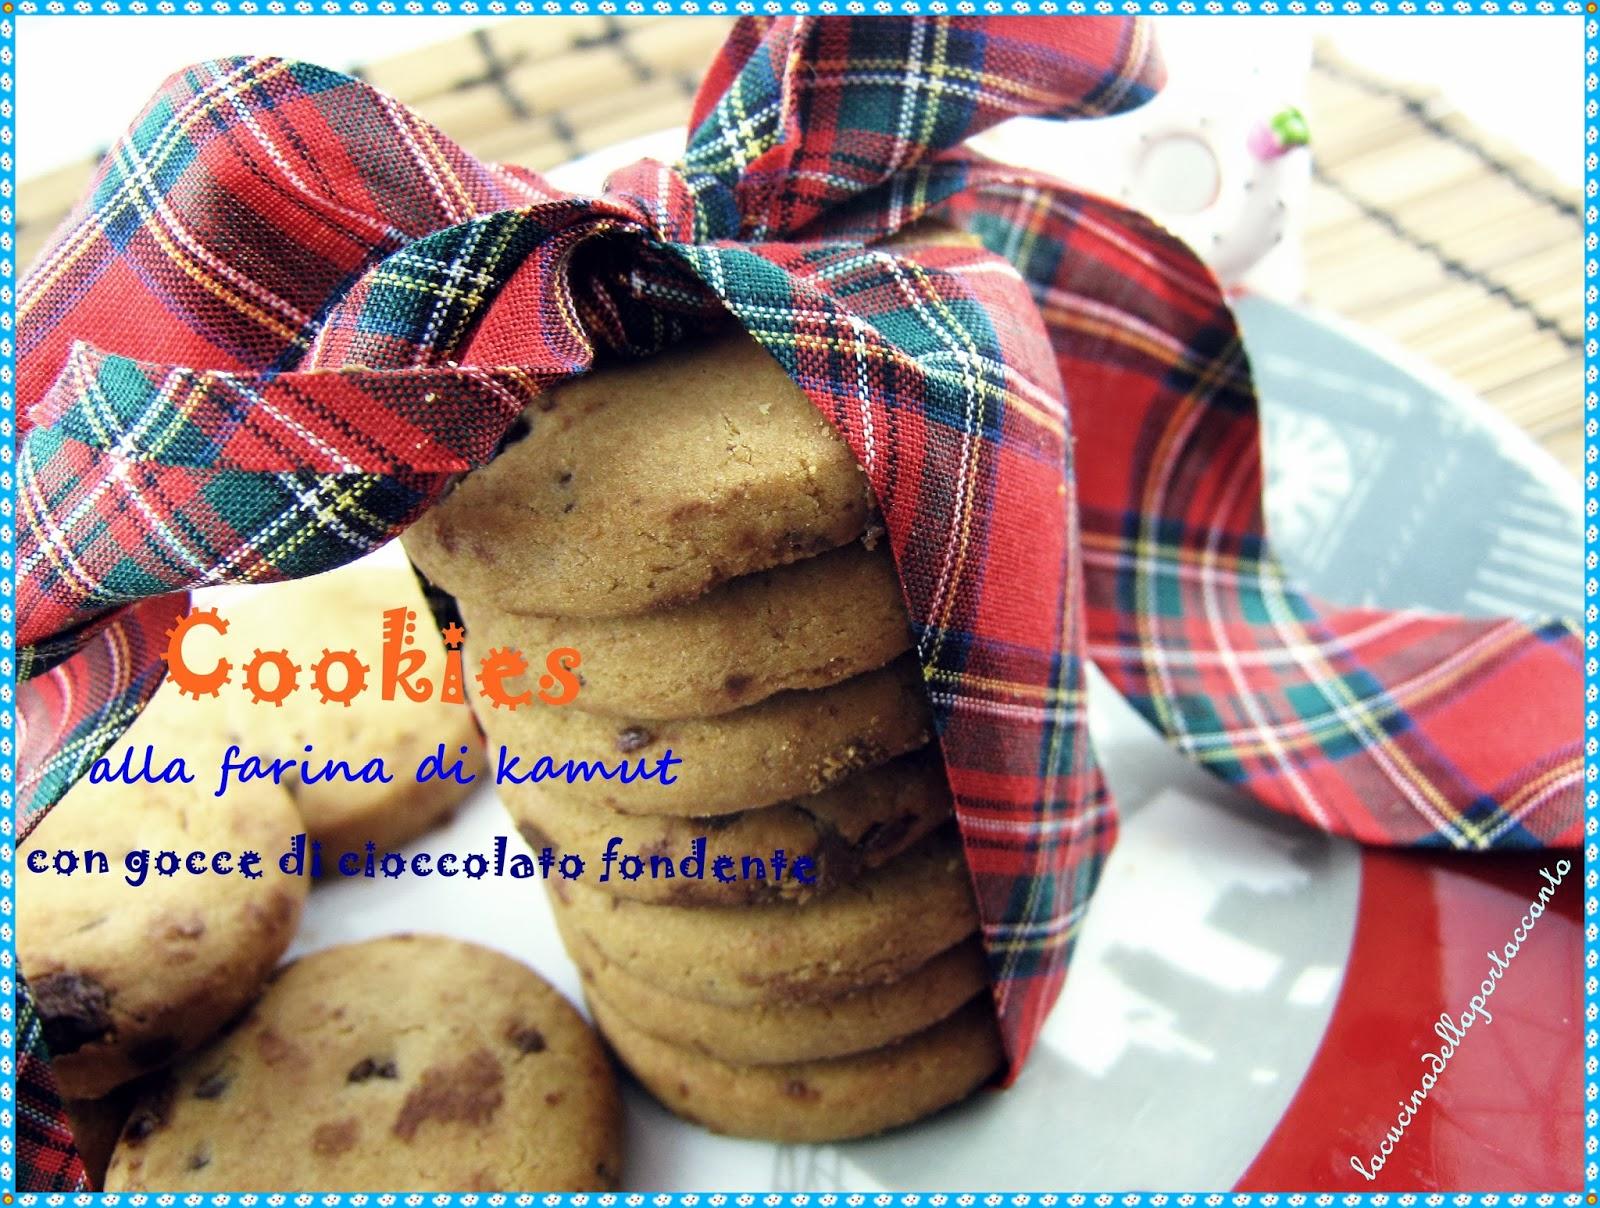 london cookies integrali al kamut con gocce di cioccolato fondente